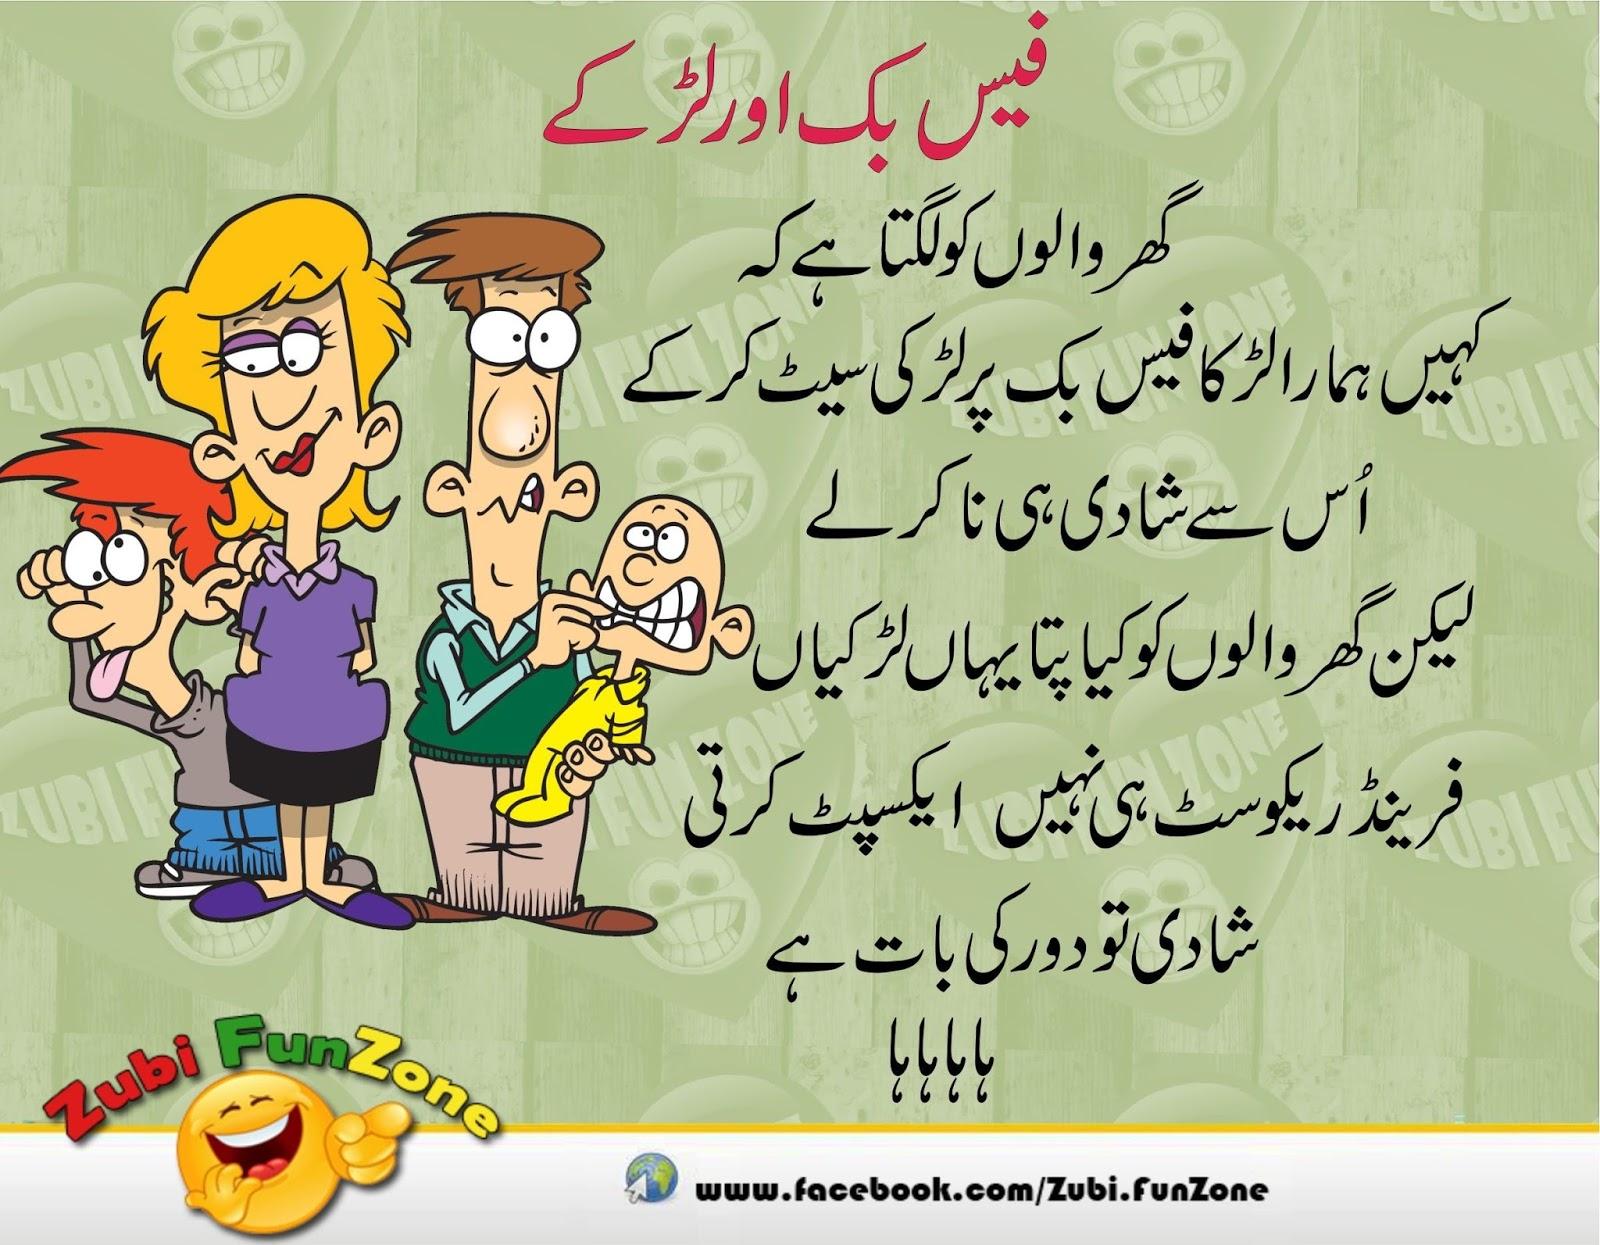 Facebook boys urdu jokes 2016 - Urdu Latifay